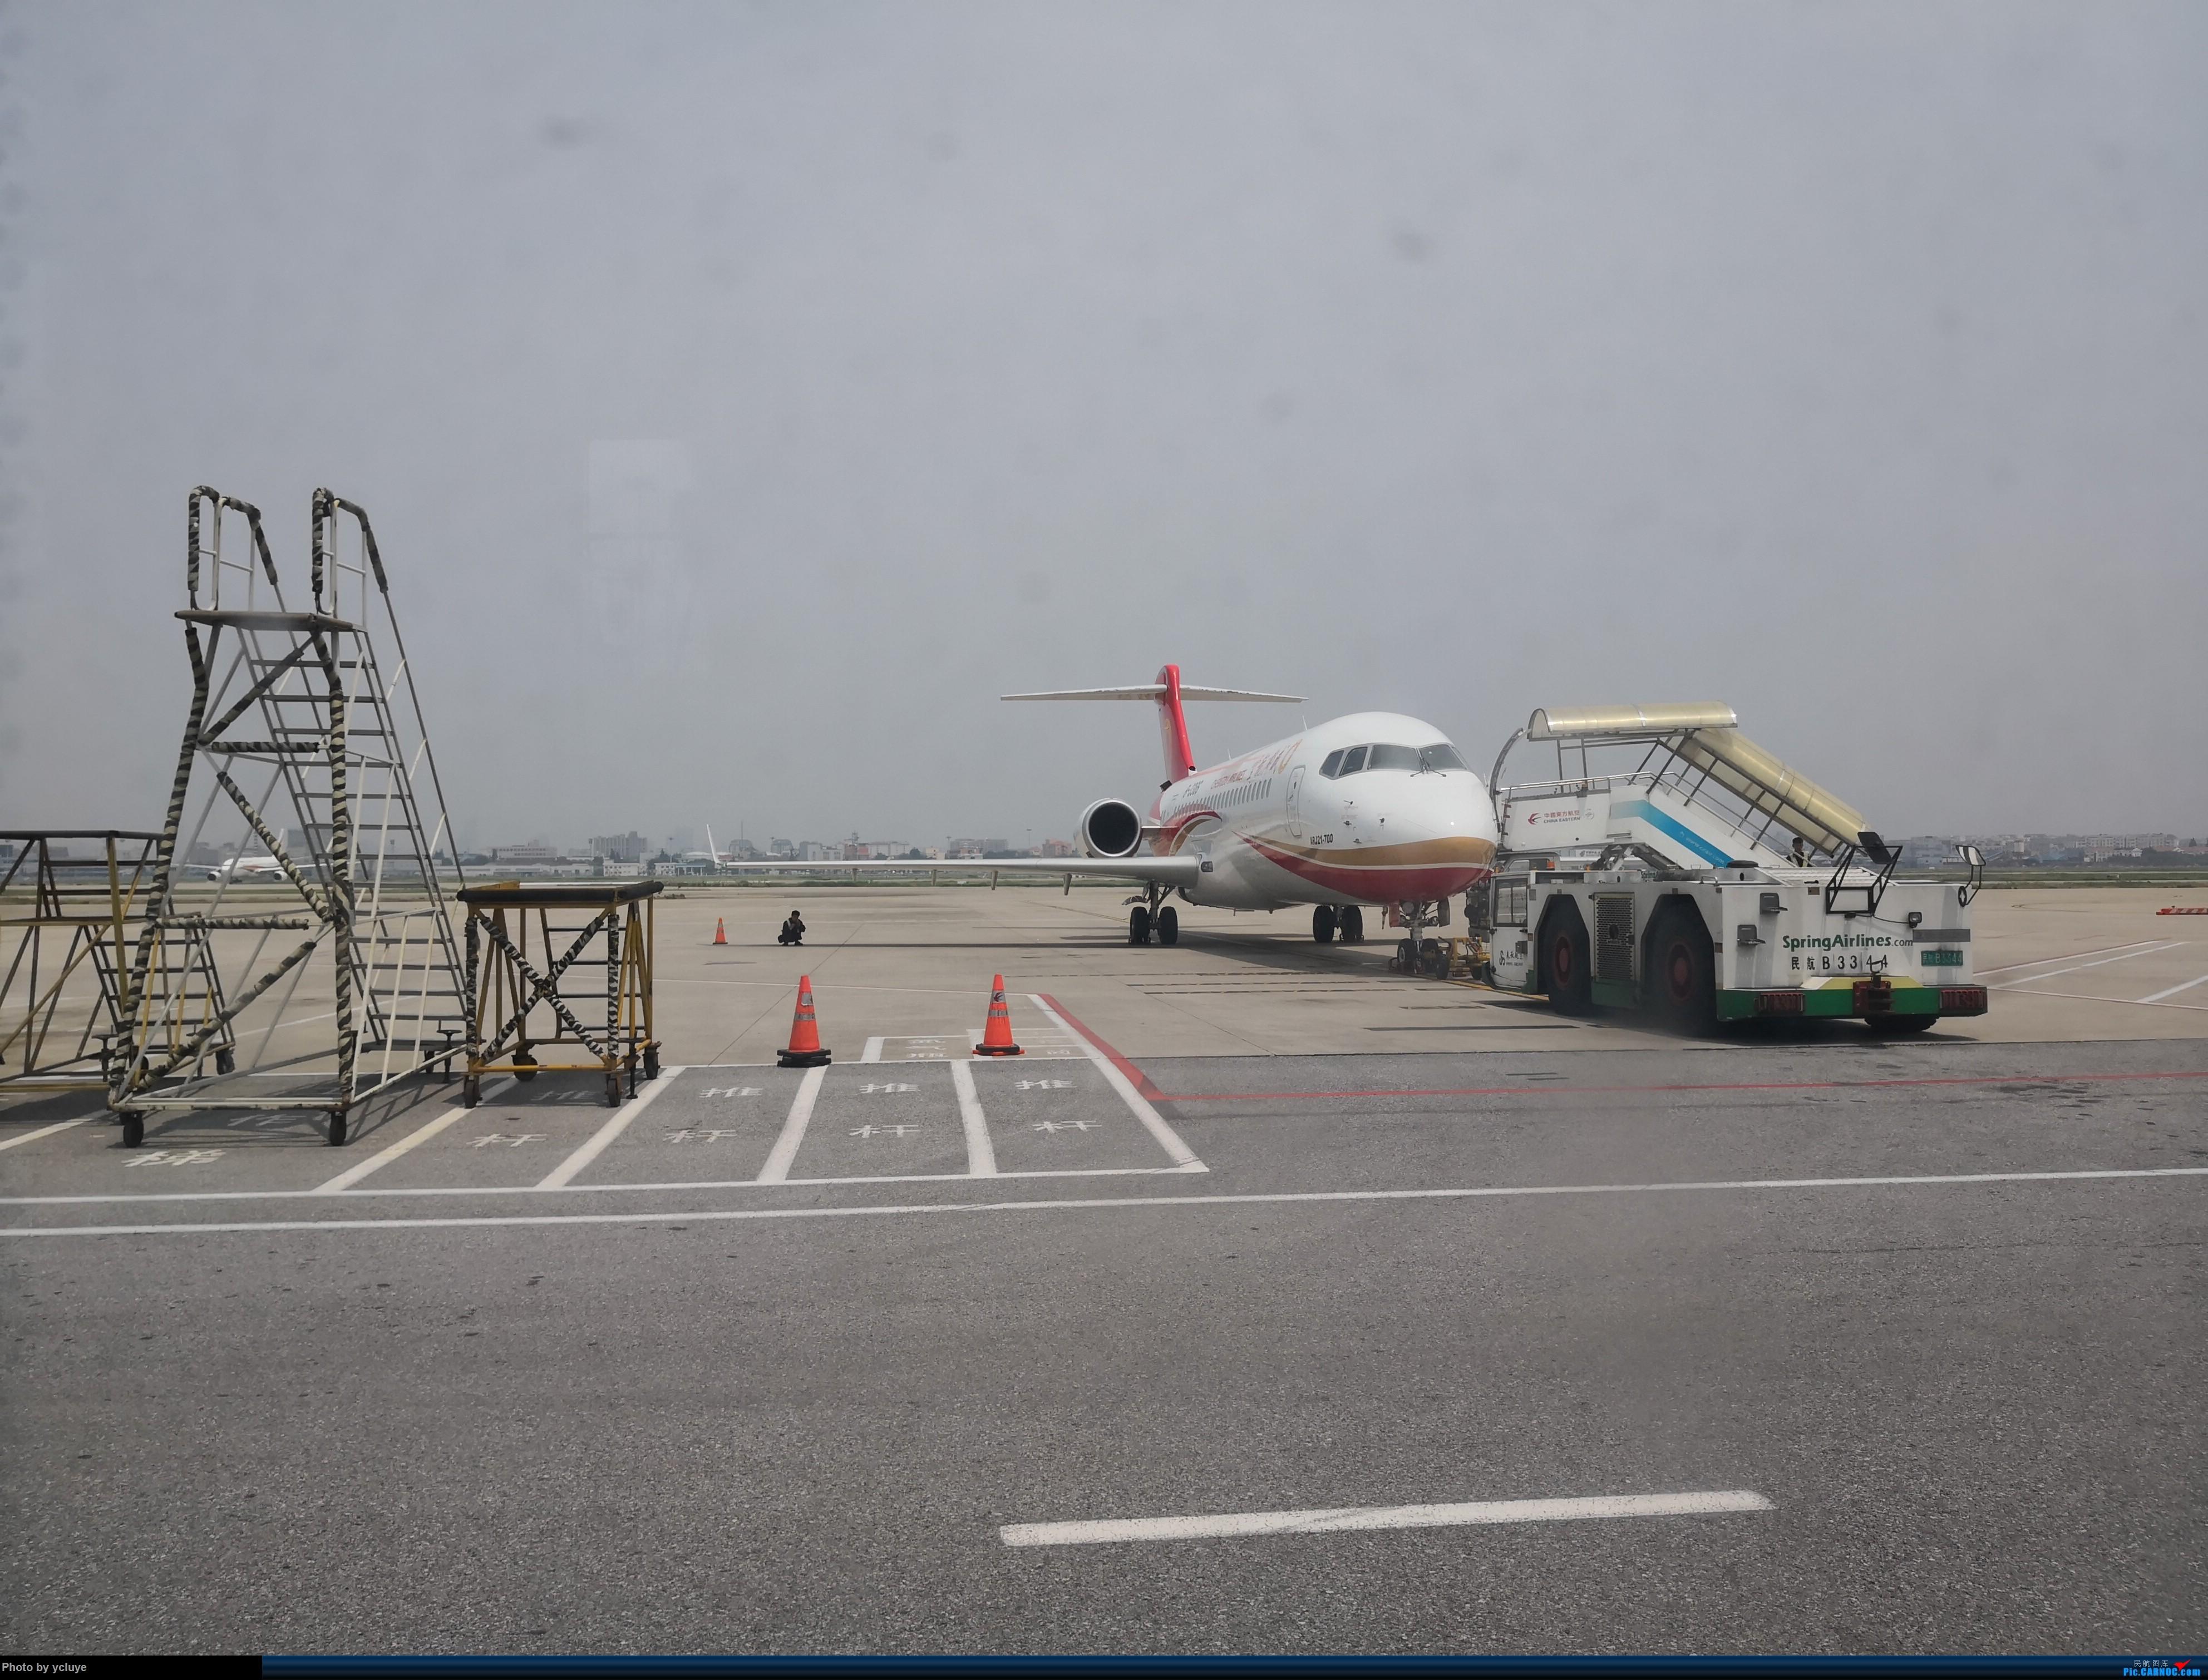 [原创]Leo旅行记 上海-成都-ARJ21-700体验 COMAC ARJ21-700